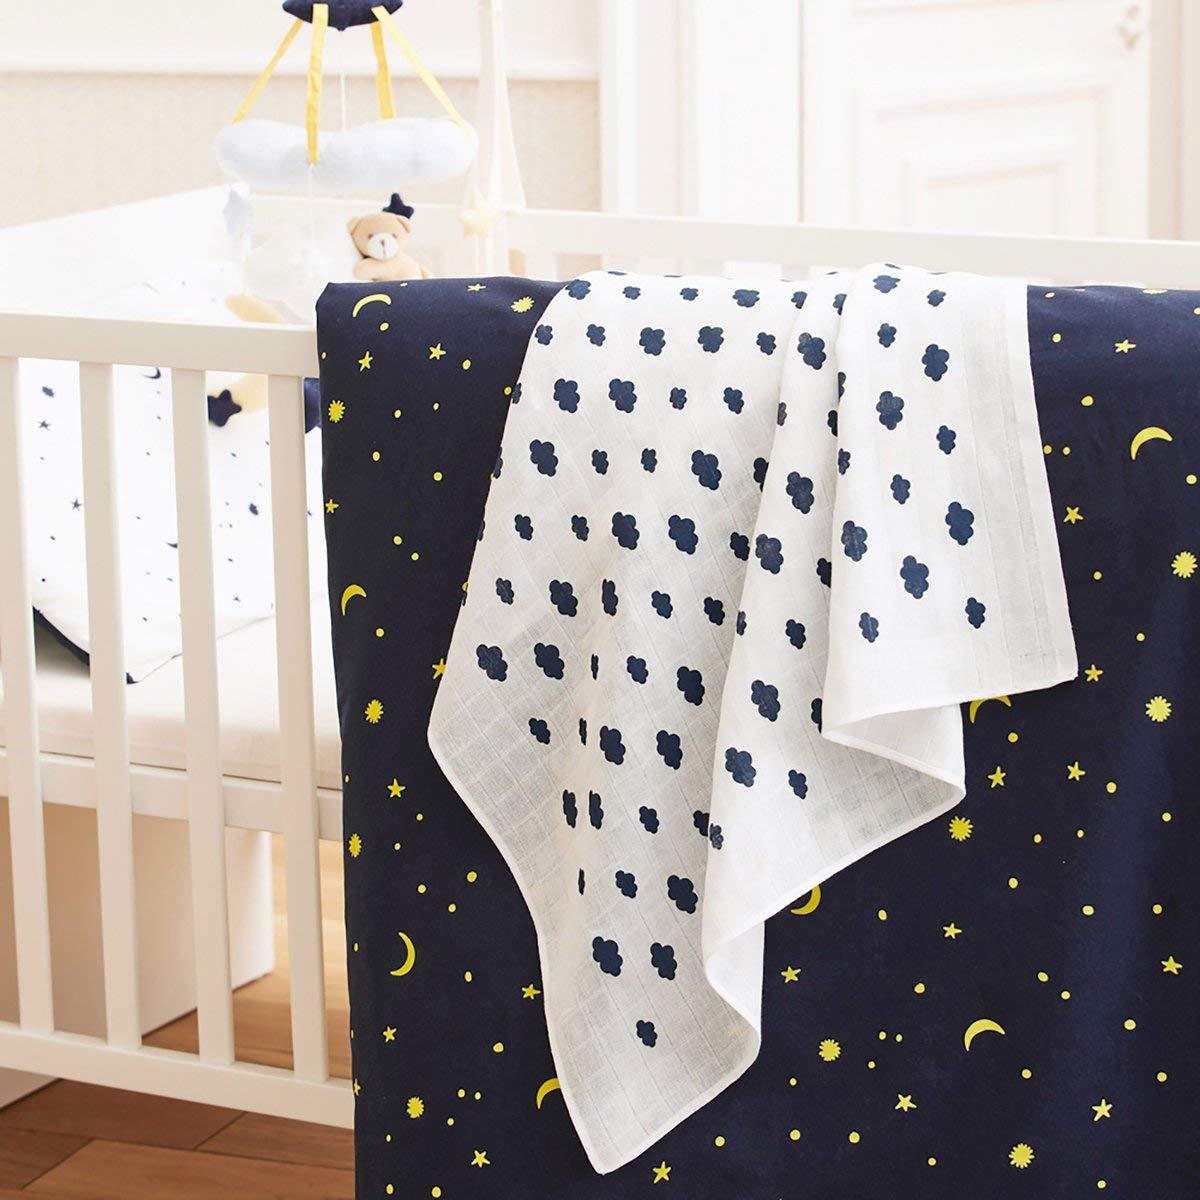 Bornino Basics Mullwindeln 80x80 cm Wolken und Sterne 3er-Pack - Mullt/ücher aus reiner Baumwolle Moltont/ücher ideal als Decke /& Sonnenschutz